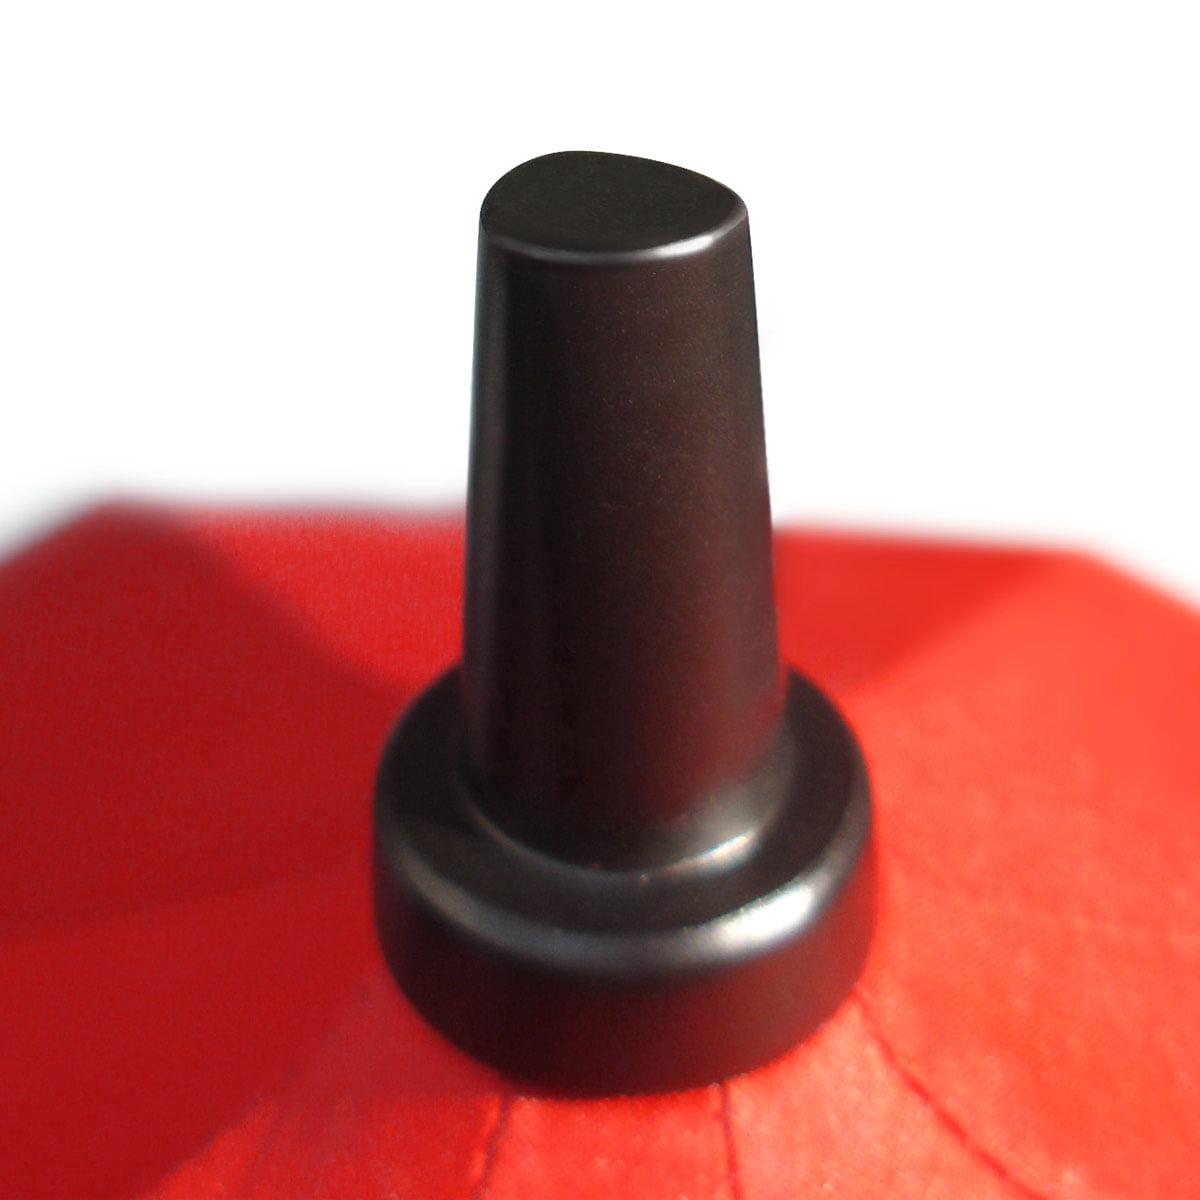 Connox Wohndesign: Regenschirm XXL Von Senz Im Wohndesign-Shop